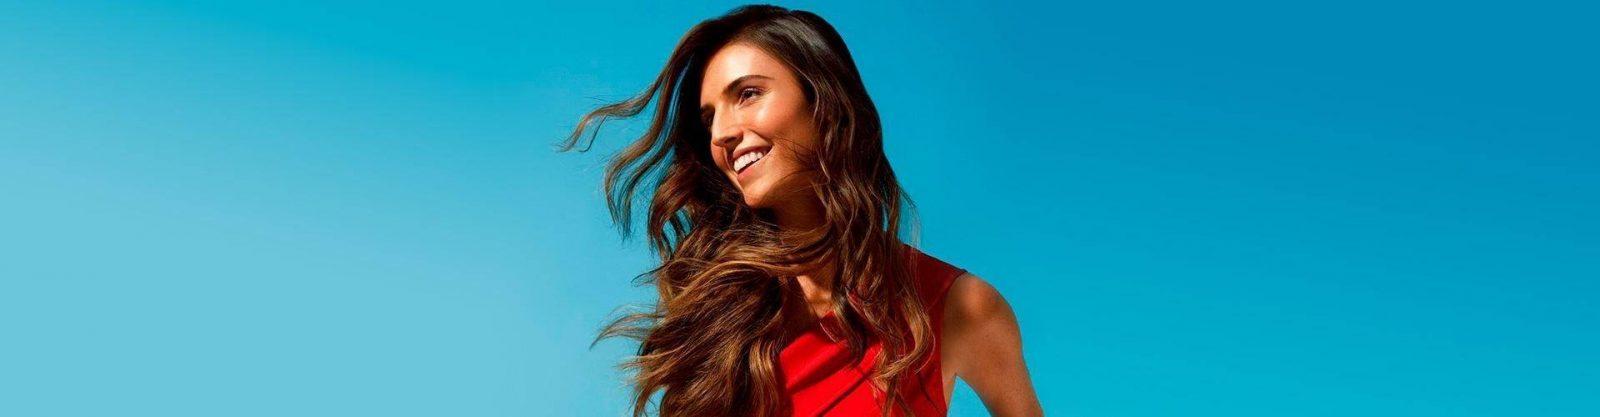 Natura Cuidados com o cabelo no verão veja dicas para proteger os fios